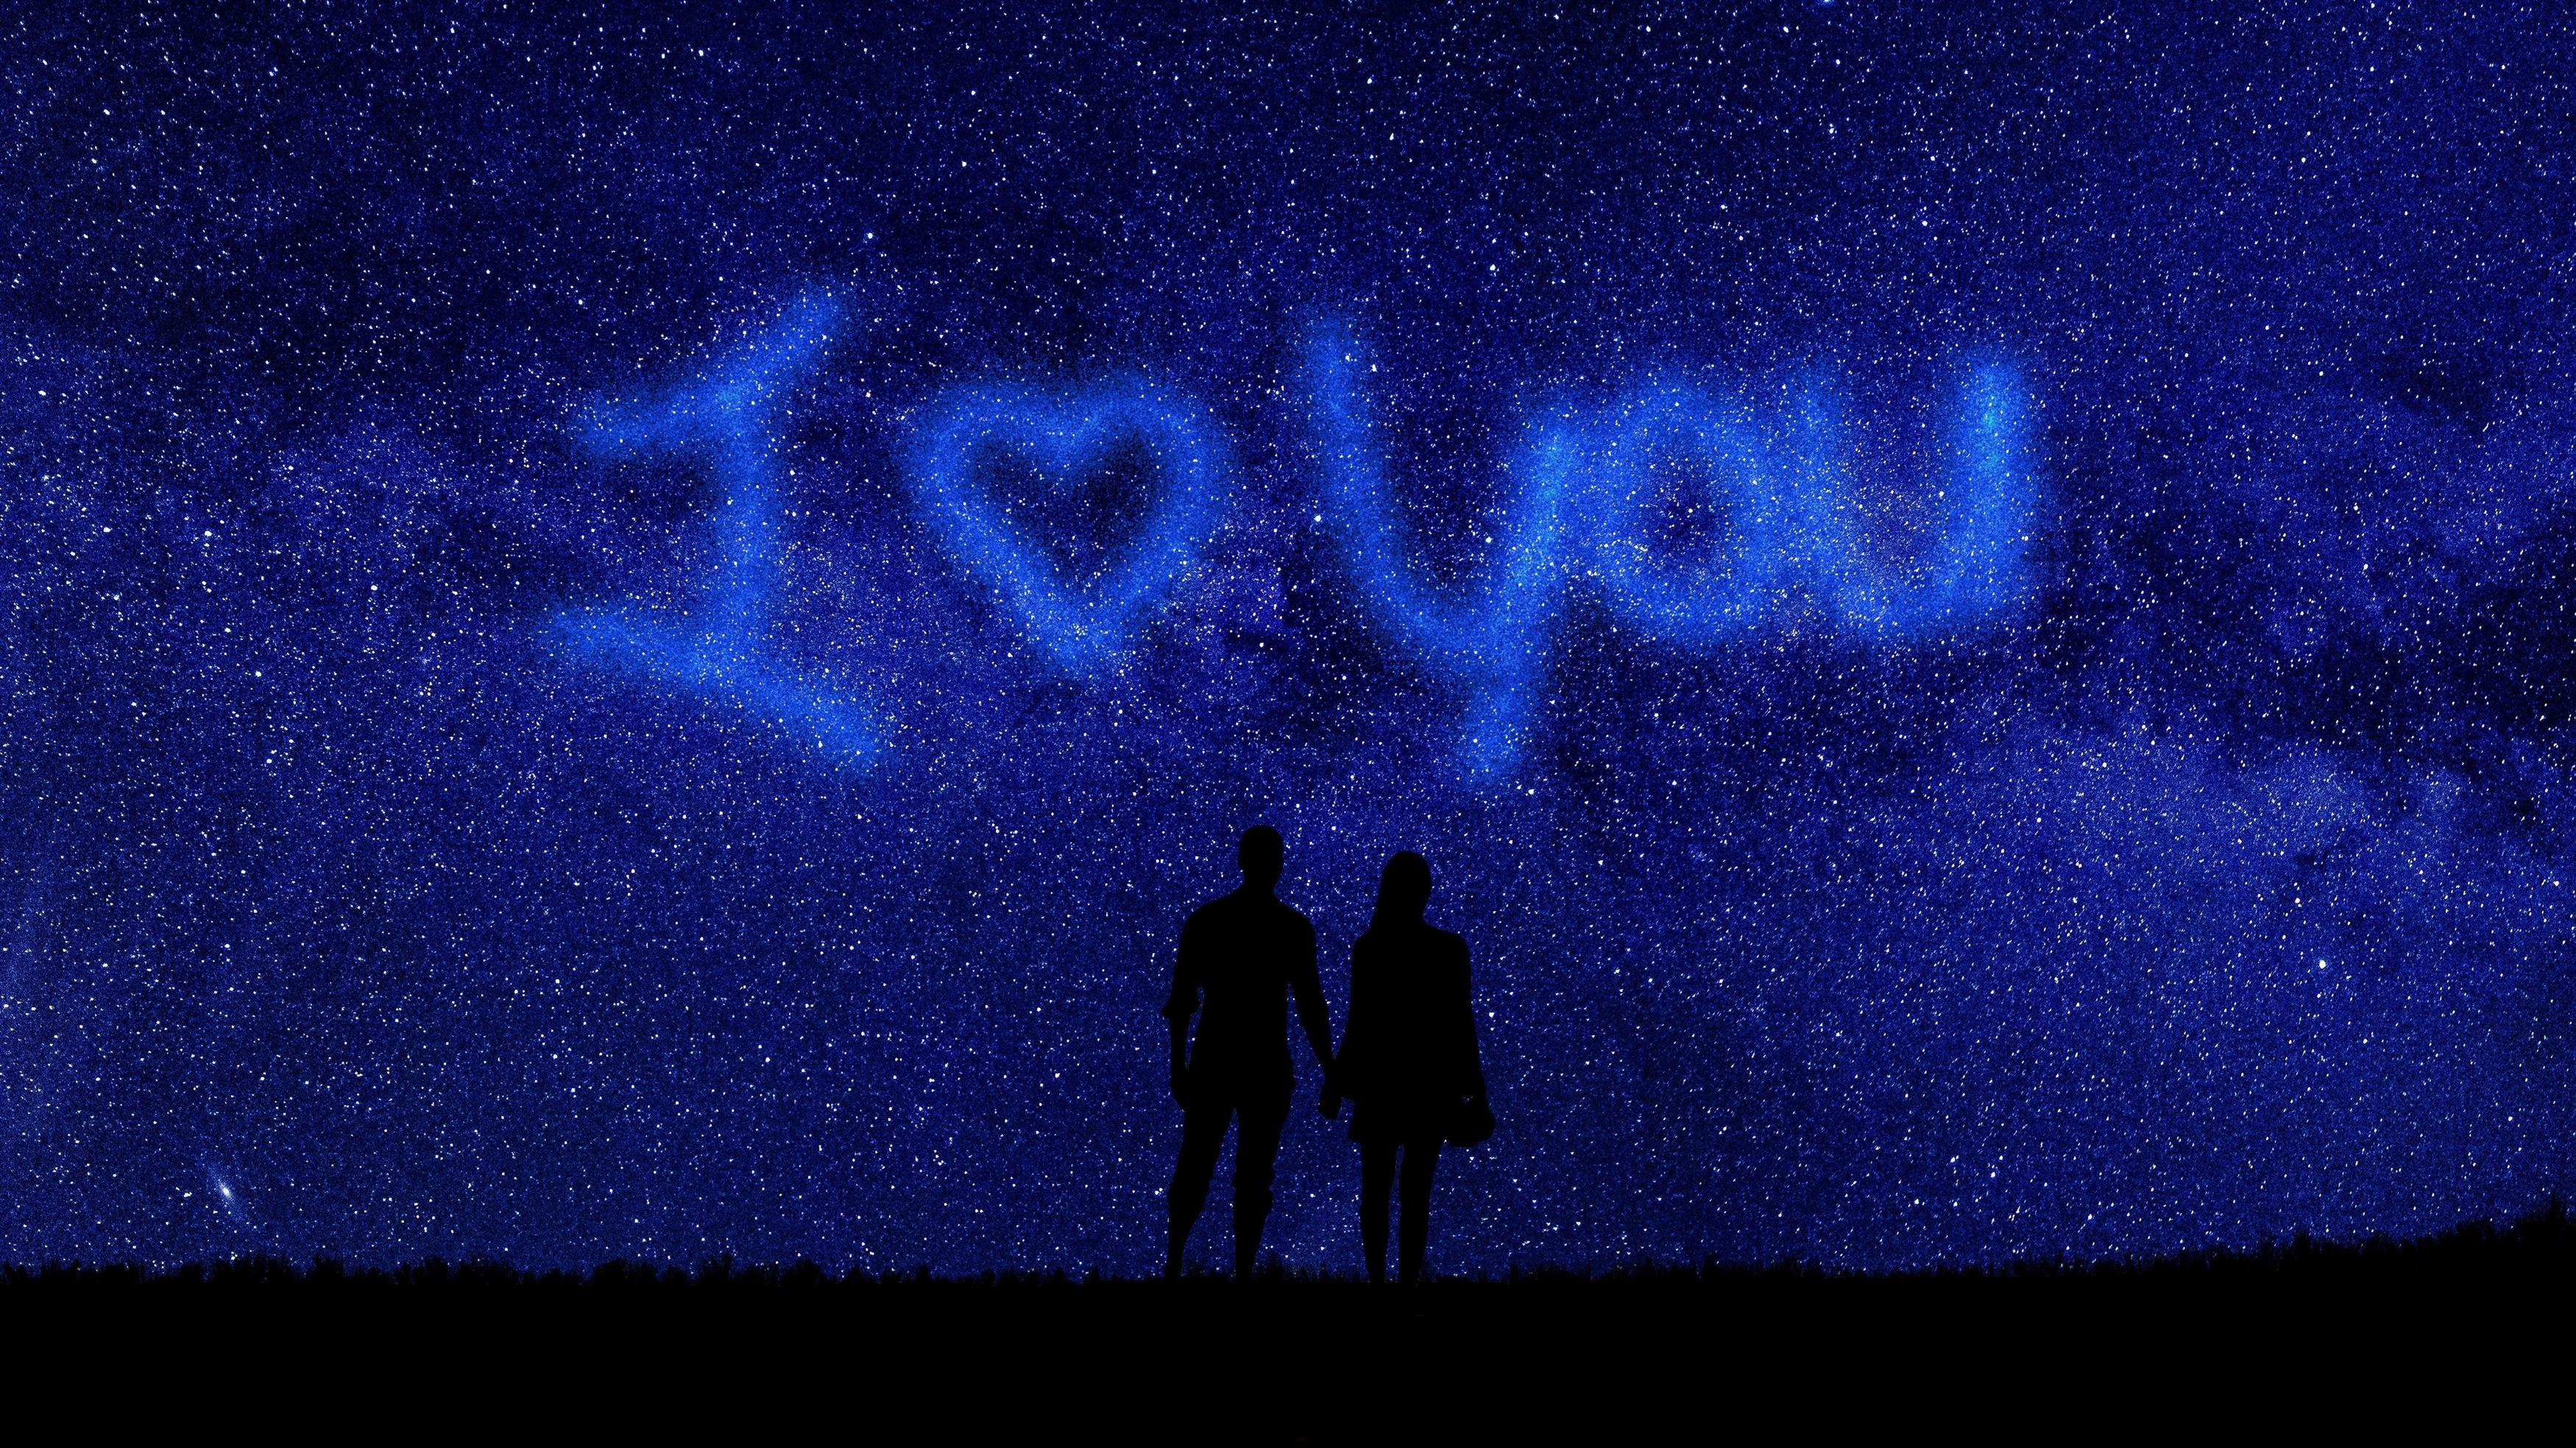 Я люблю тебя пара романтическая ночь обои скачать